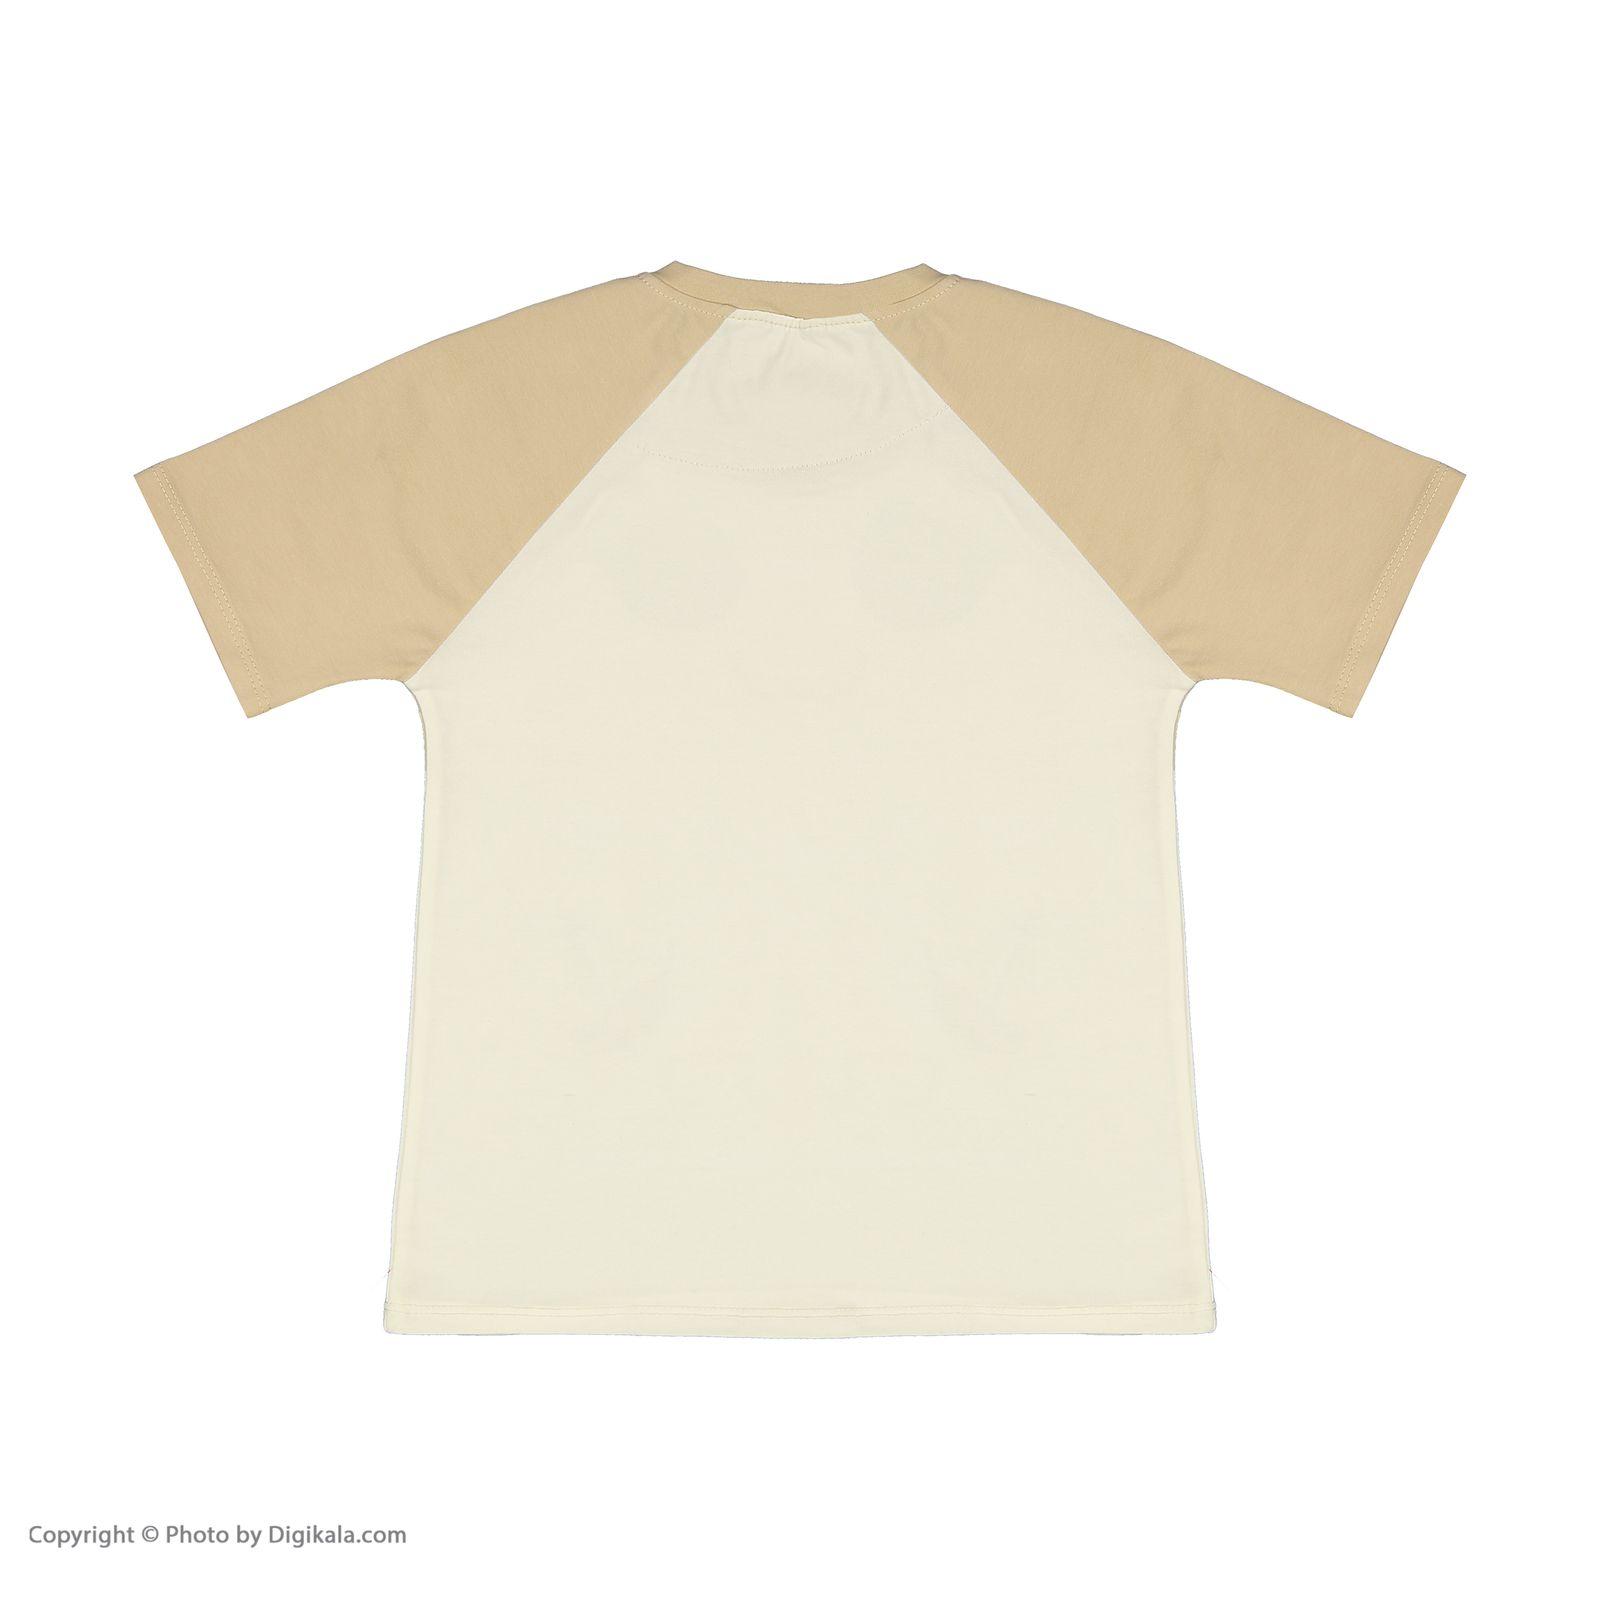 ست تی شرت و شلوارک راحتی پسرانه مادر مدل 2041107-07 main 1 3